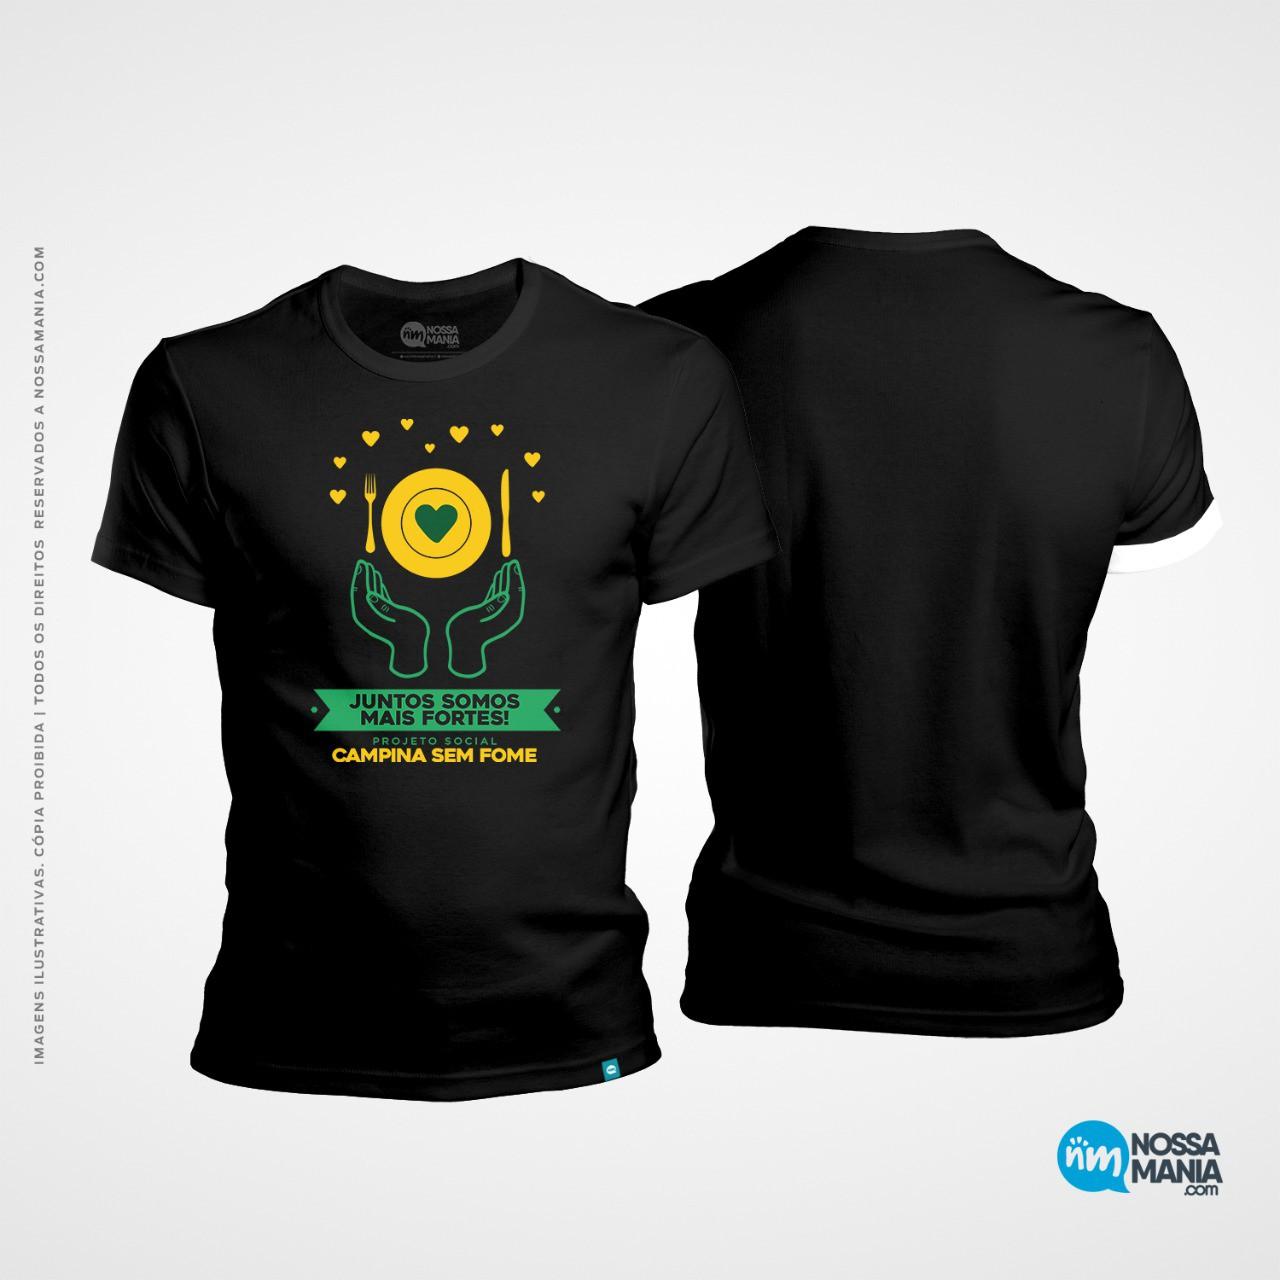 Camiseta campina sem fome